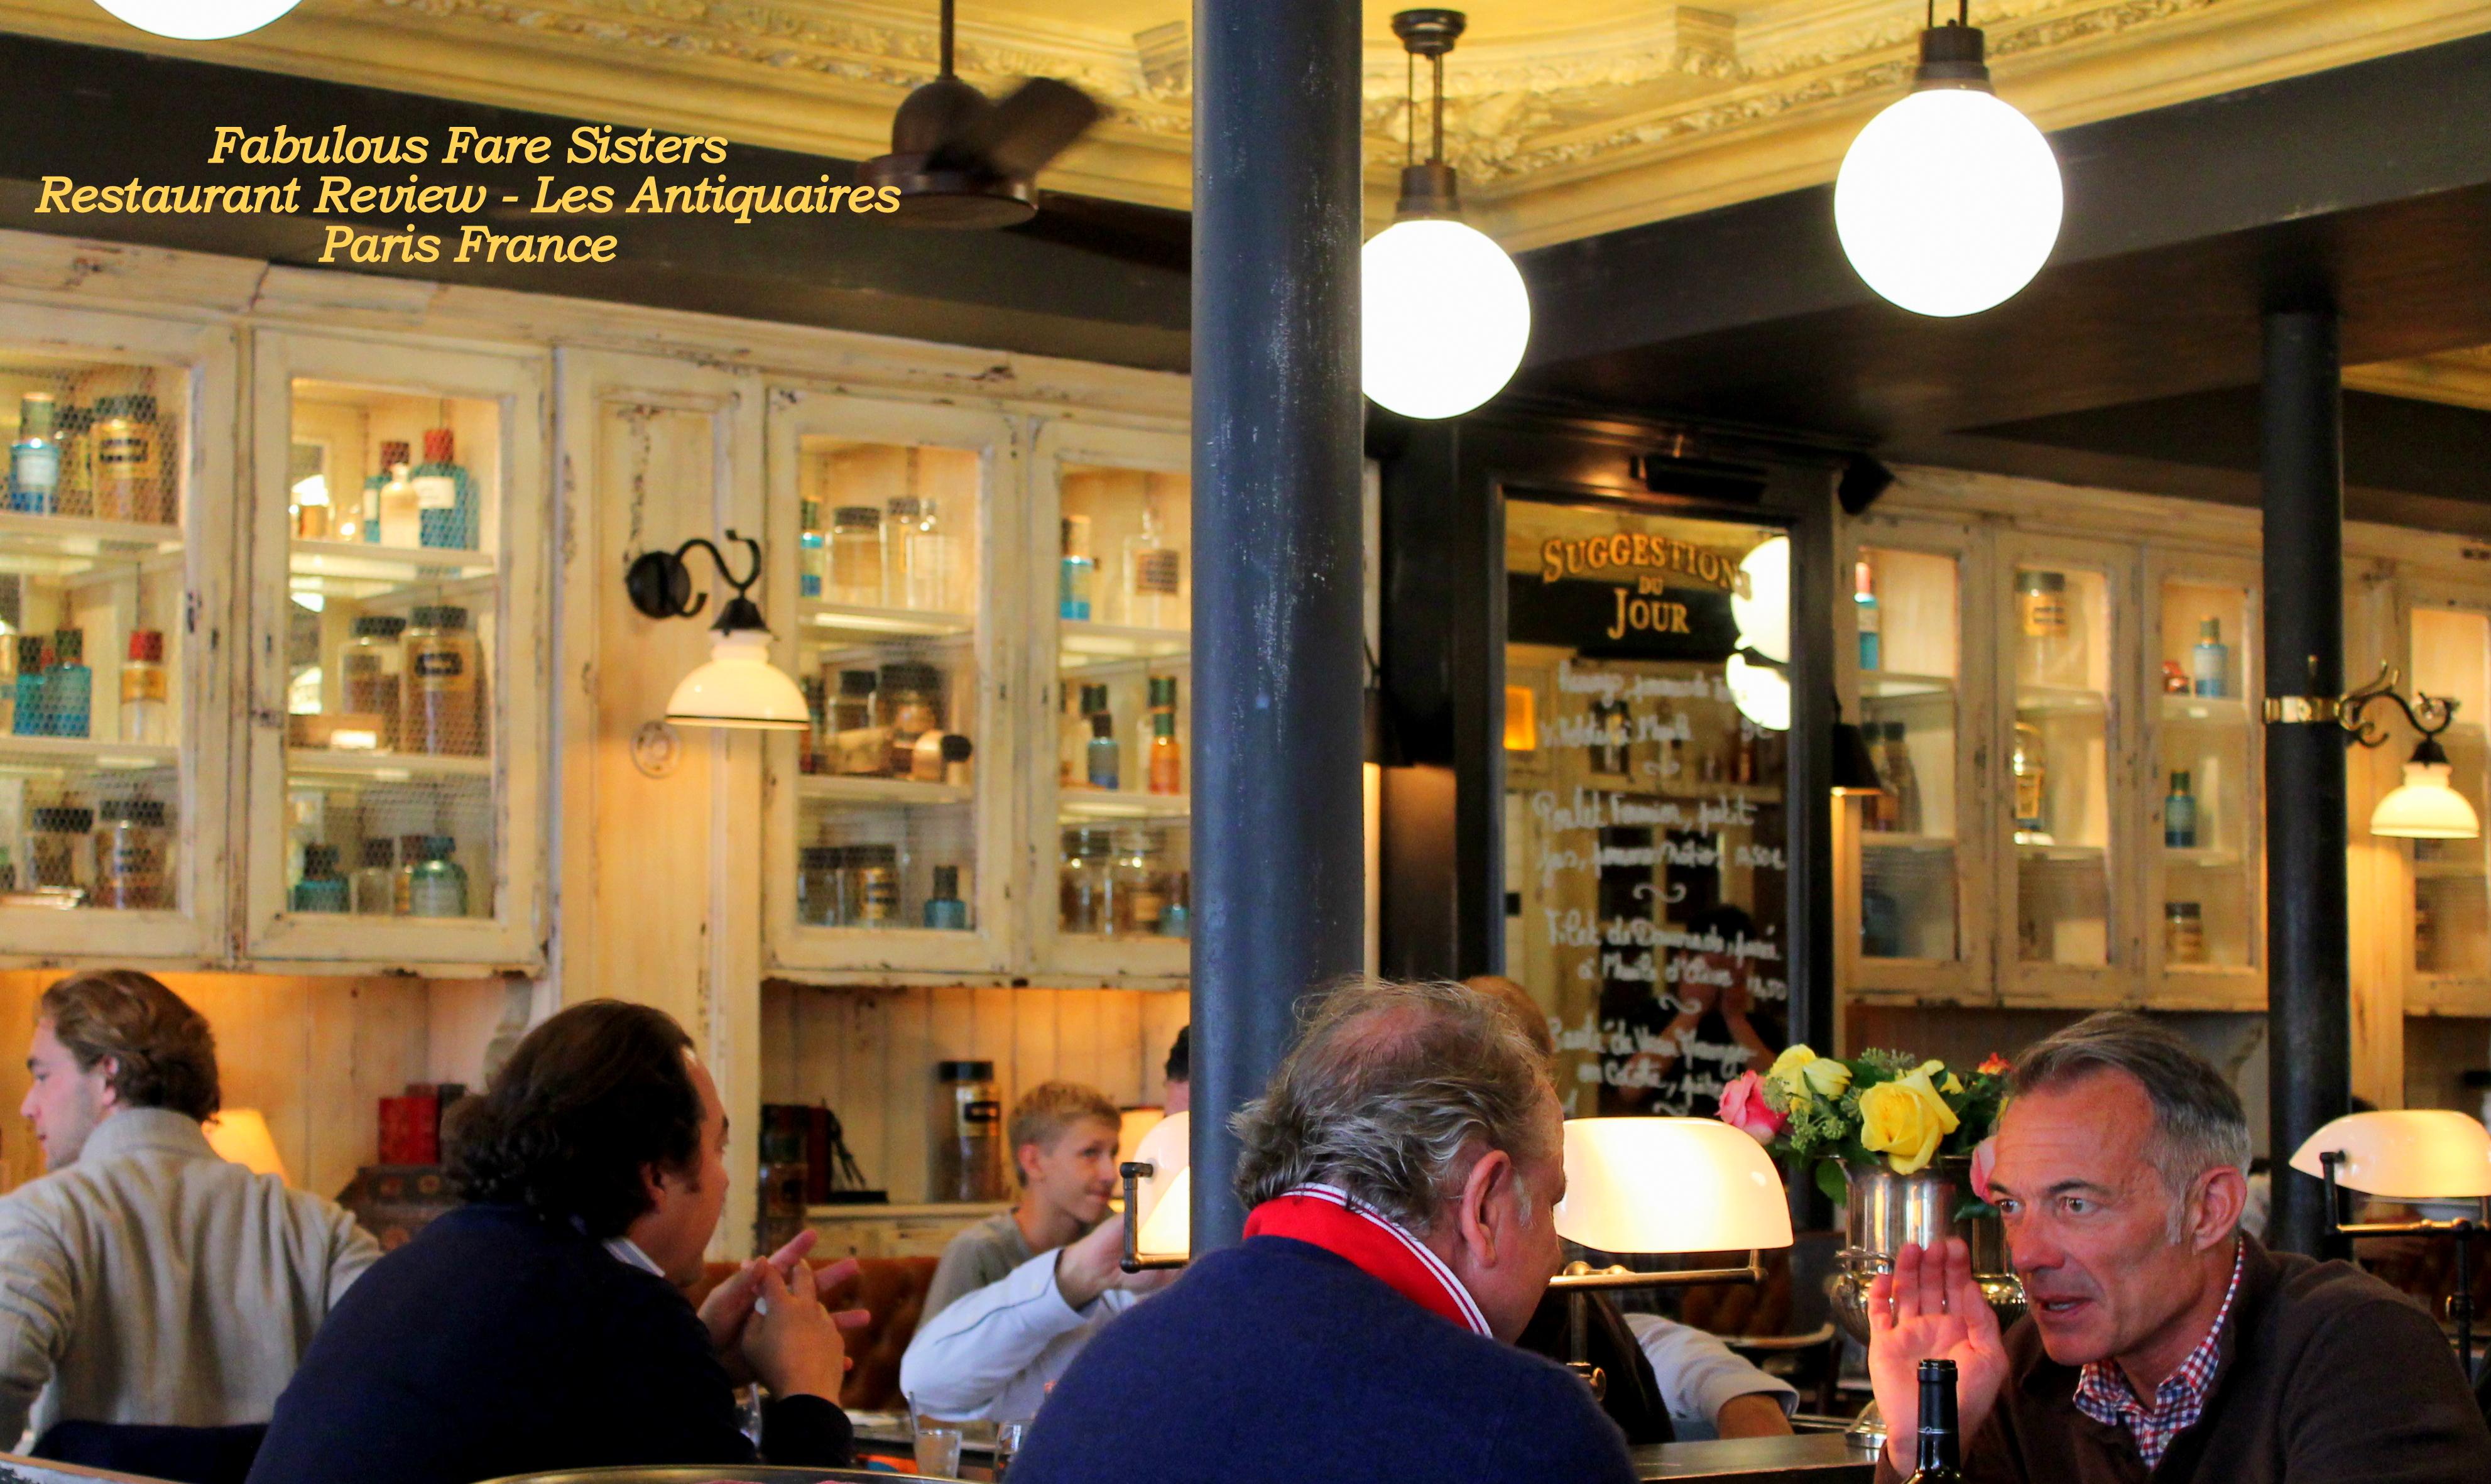 Restaurant Review Les Antiquaires Paris France Fabulous Fare Sisters